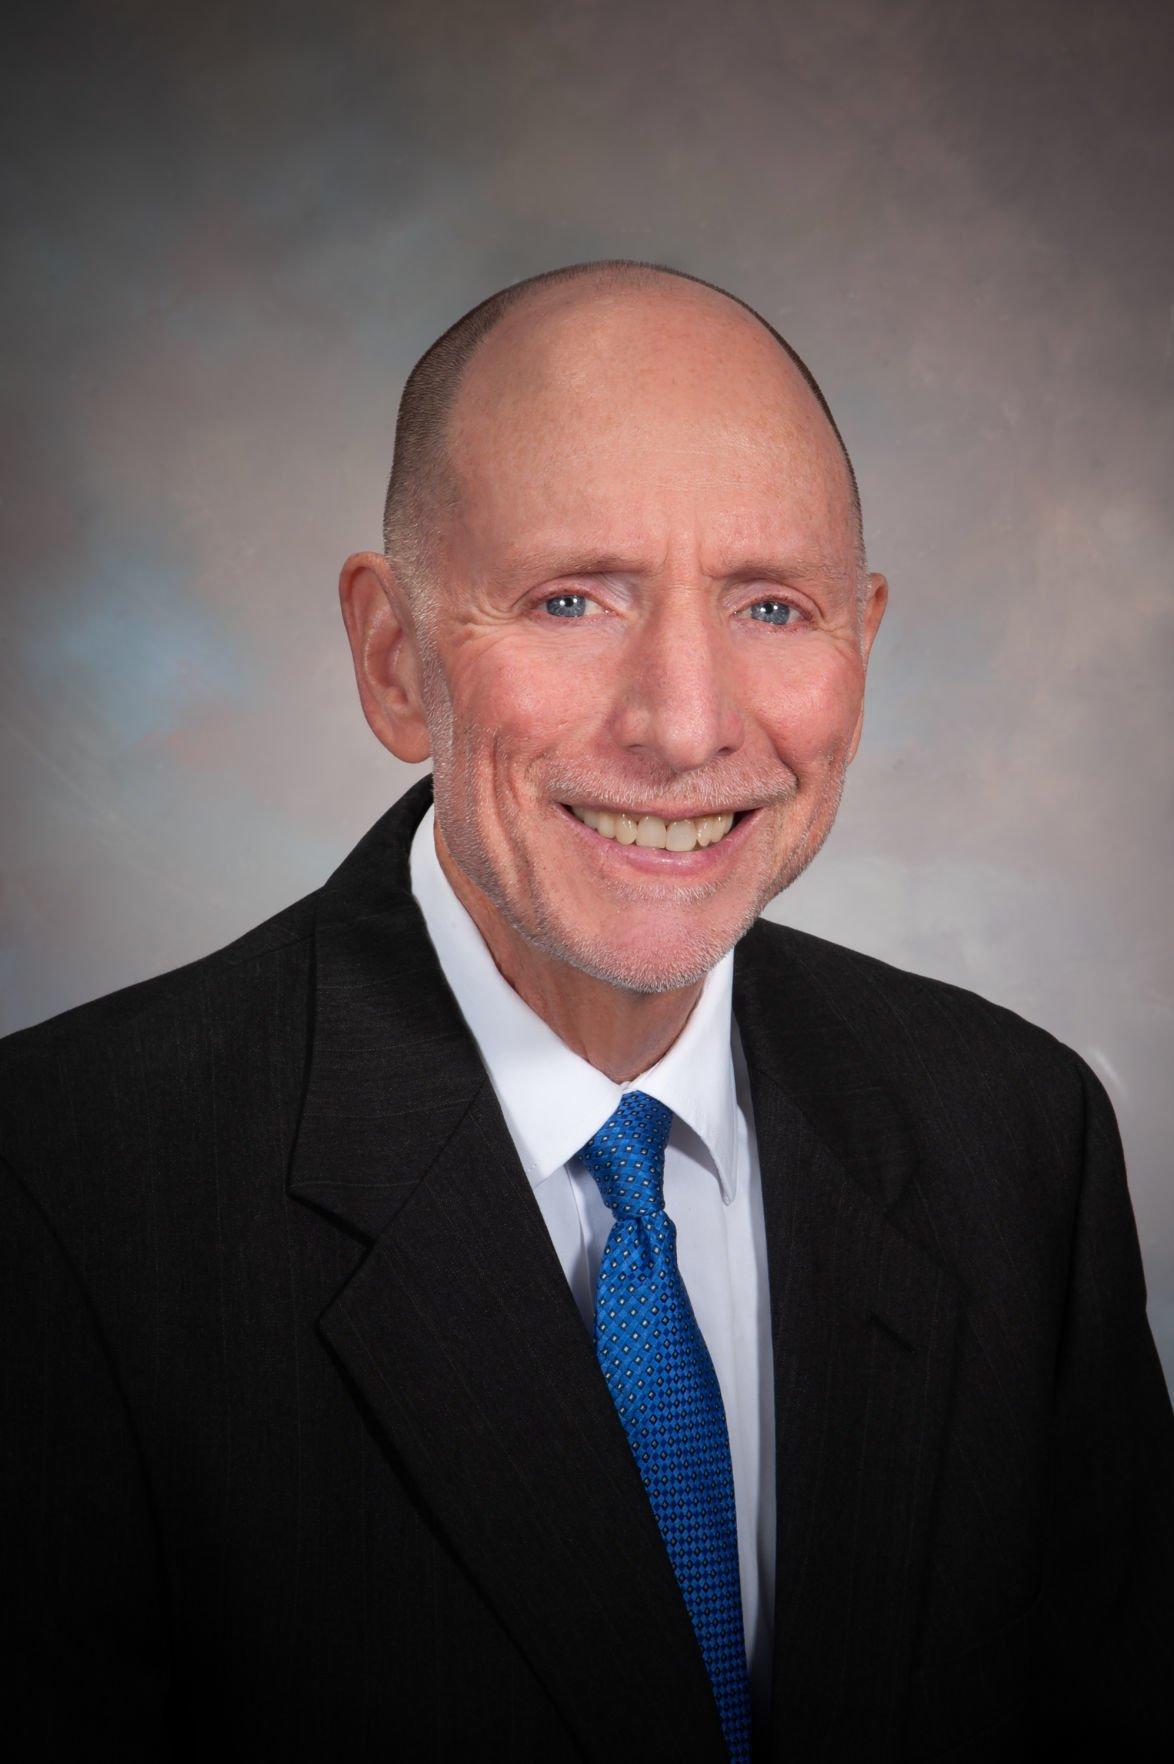 Bill Pike Headshot